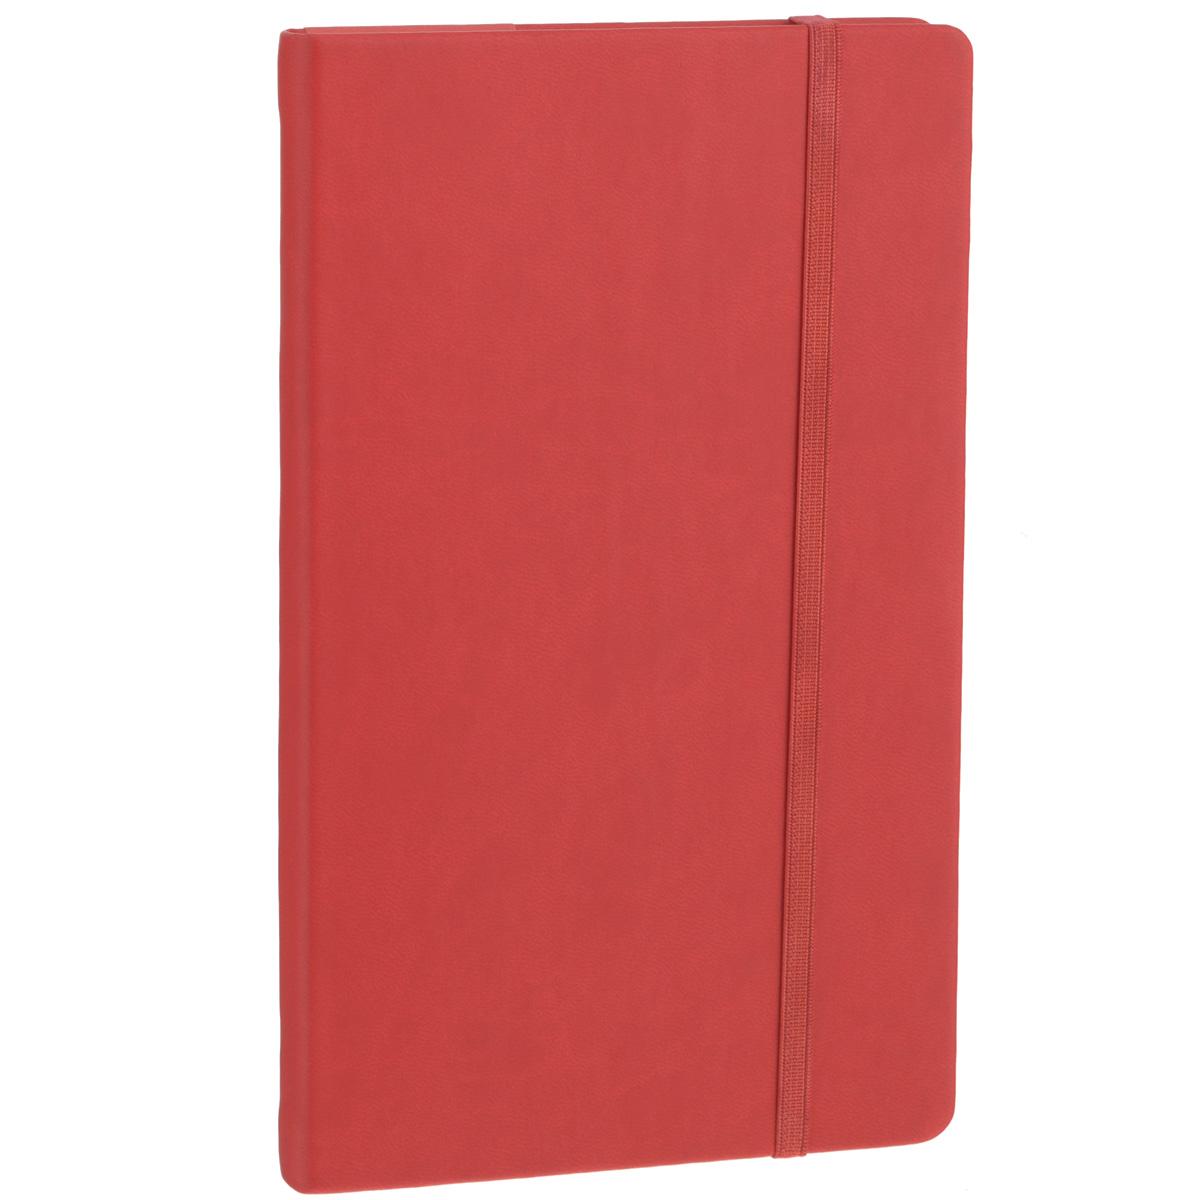 Записная книжка Erich Krause Festival, цвет: красный, 96 листов400750Записная книжка Erich Krause Festival - это дополнительный штрих к вашему имиджу. Демократичная в своем содержании, книжка может быть использована не только для личных пометок и записей, но и как недатированный ежедневник. Надежная твердая обложка из плотного приятного на ощупь картона сохранит ее в аккуратном состоянии на протяжении всего времени использования. Плотная в линейку бумага белого цвета, закладка-ляссе, практичные скругленные углы, эластичная петелька для ручки и внутренний бумажный карман на задней обложке - все это обеспечит вам истинное удовольствие от письма. В начале книжки имеется страничка для заполнения личных данных владельца, четыре страницы для заполнения адресов, телефонов и интернет-почты и четыре страницы для заполнения сайтов и ссылок. Благодаря небольшому формату книжку легко взять с собой. Записная книжка плотно закрывается при помощи фиксирующей резинки.